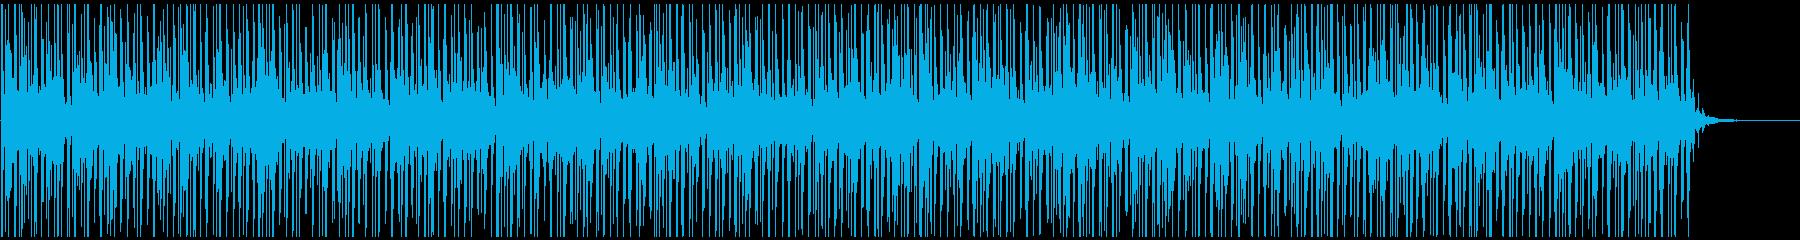 【ミニマル】ニュースG・報道・ループの再生済みの波形